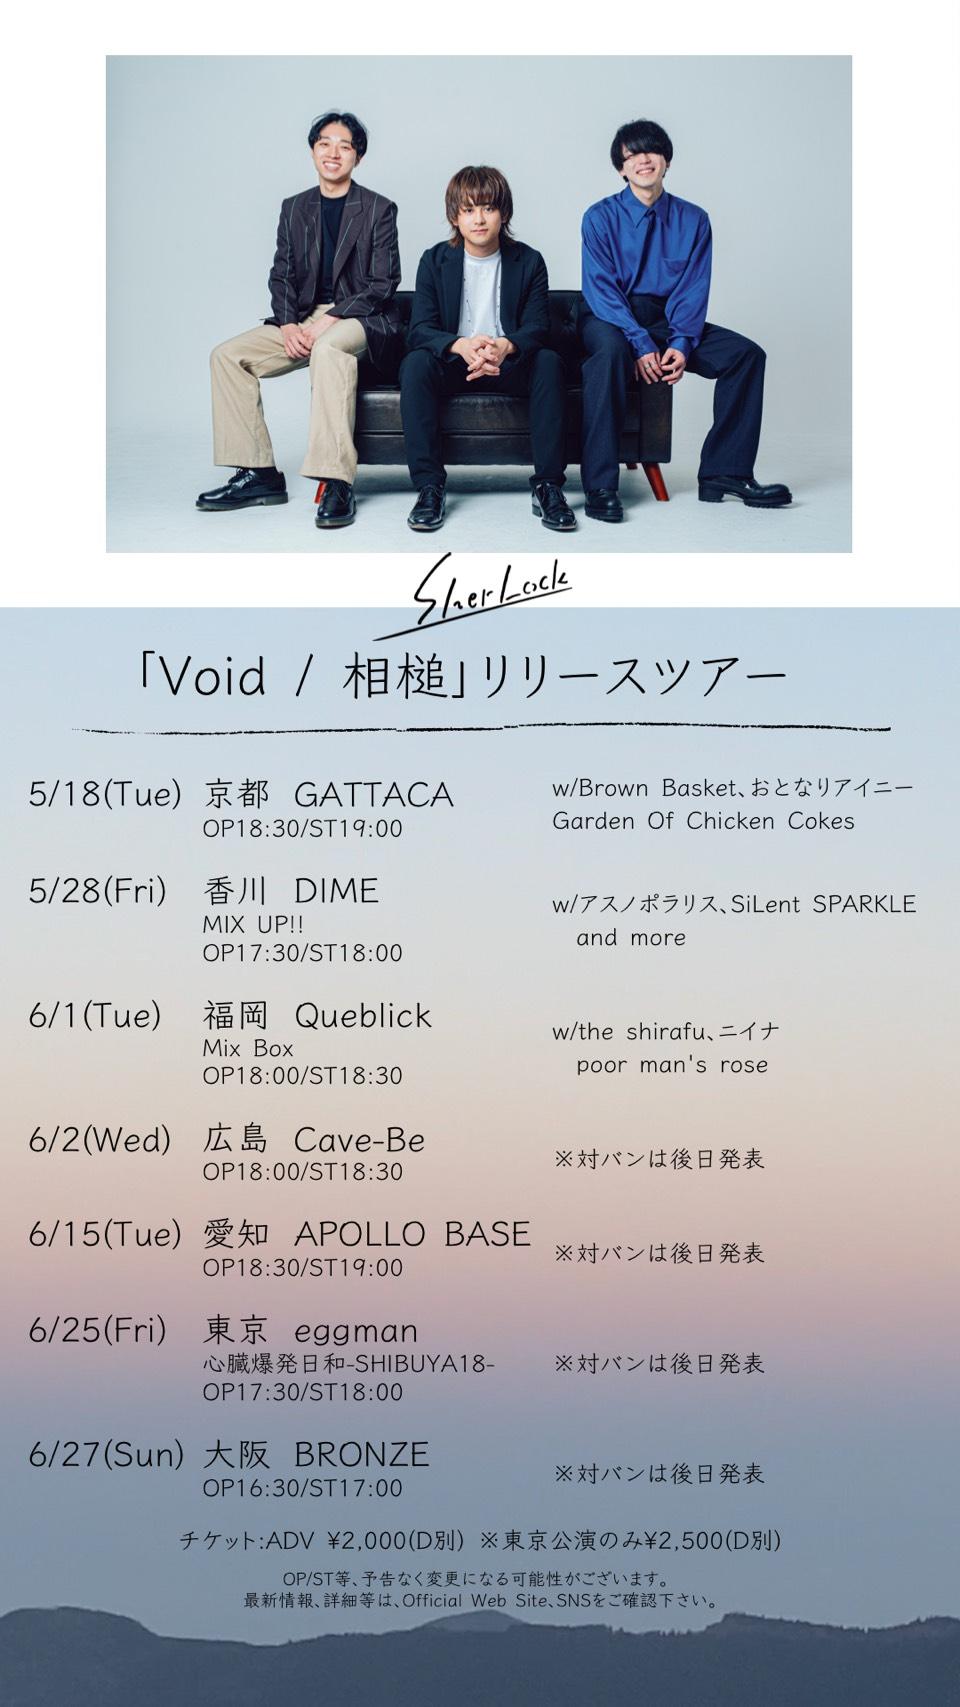 心臓爆発日和 -SHIBUYA18- 〜SherLock Digital Single「Void / 相槌」Release Tour〜